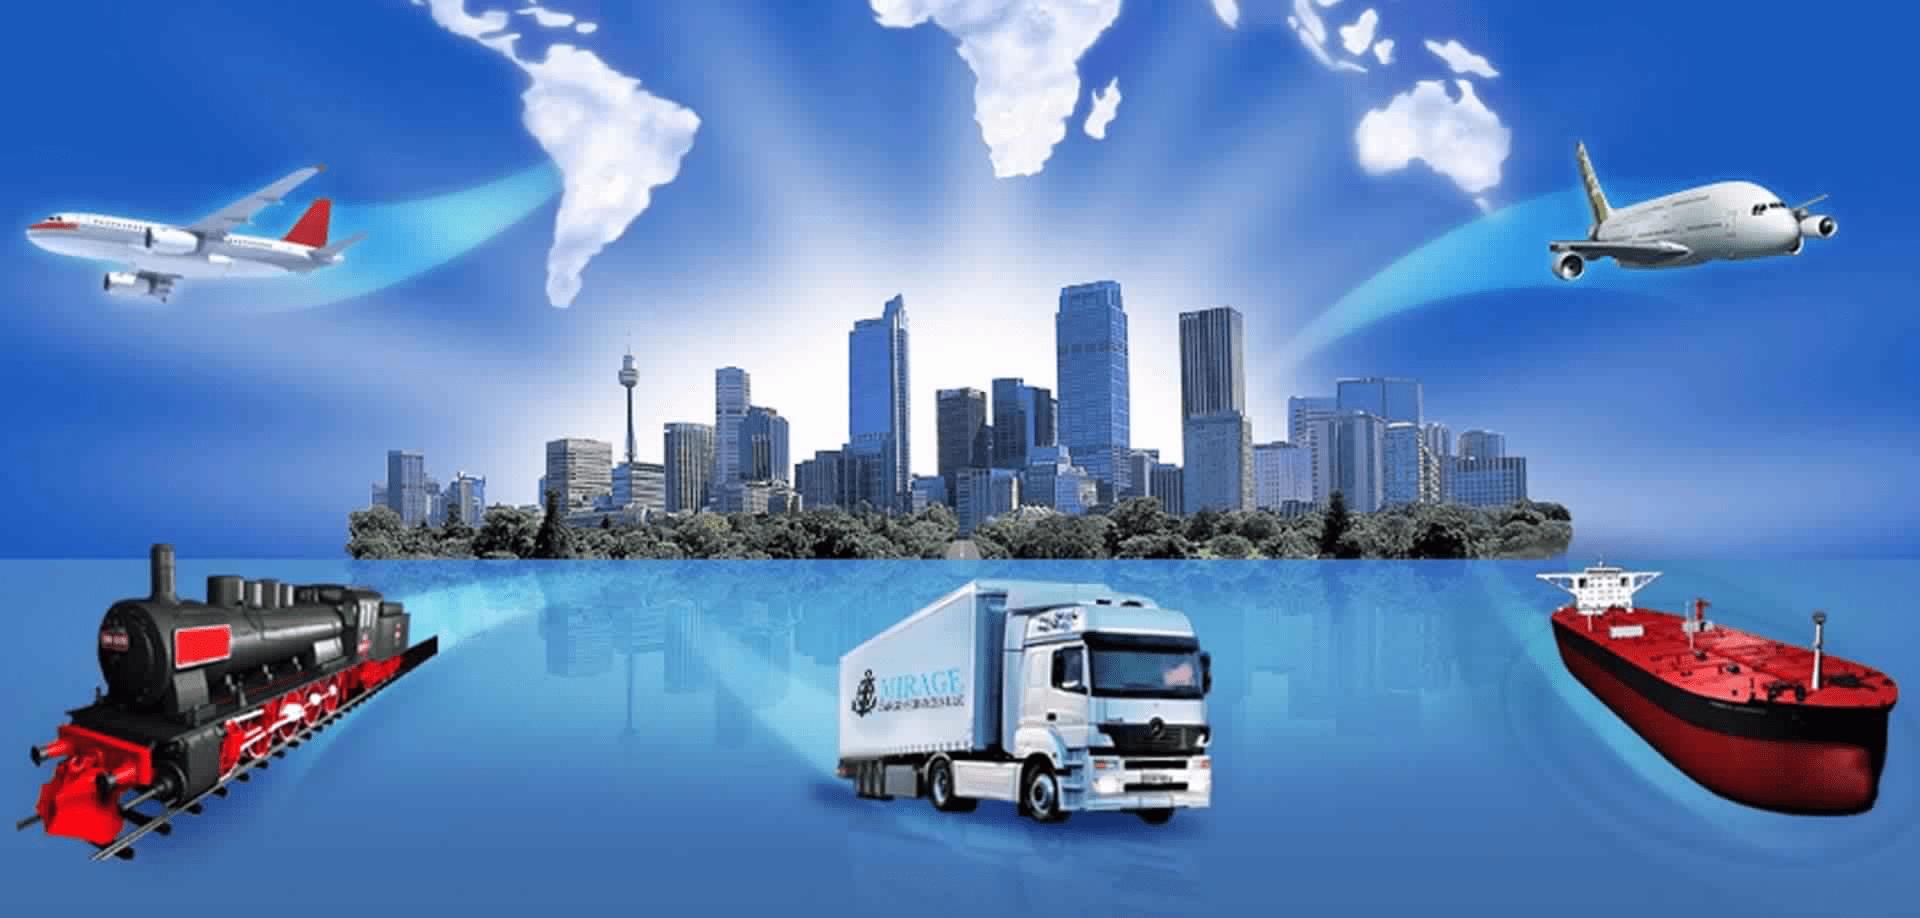 اسماء شركات الشحن في الامارات موسوعة